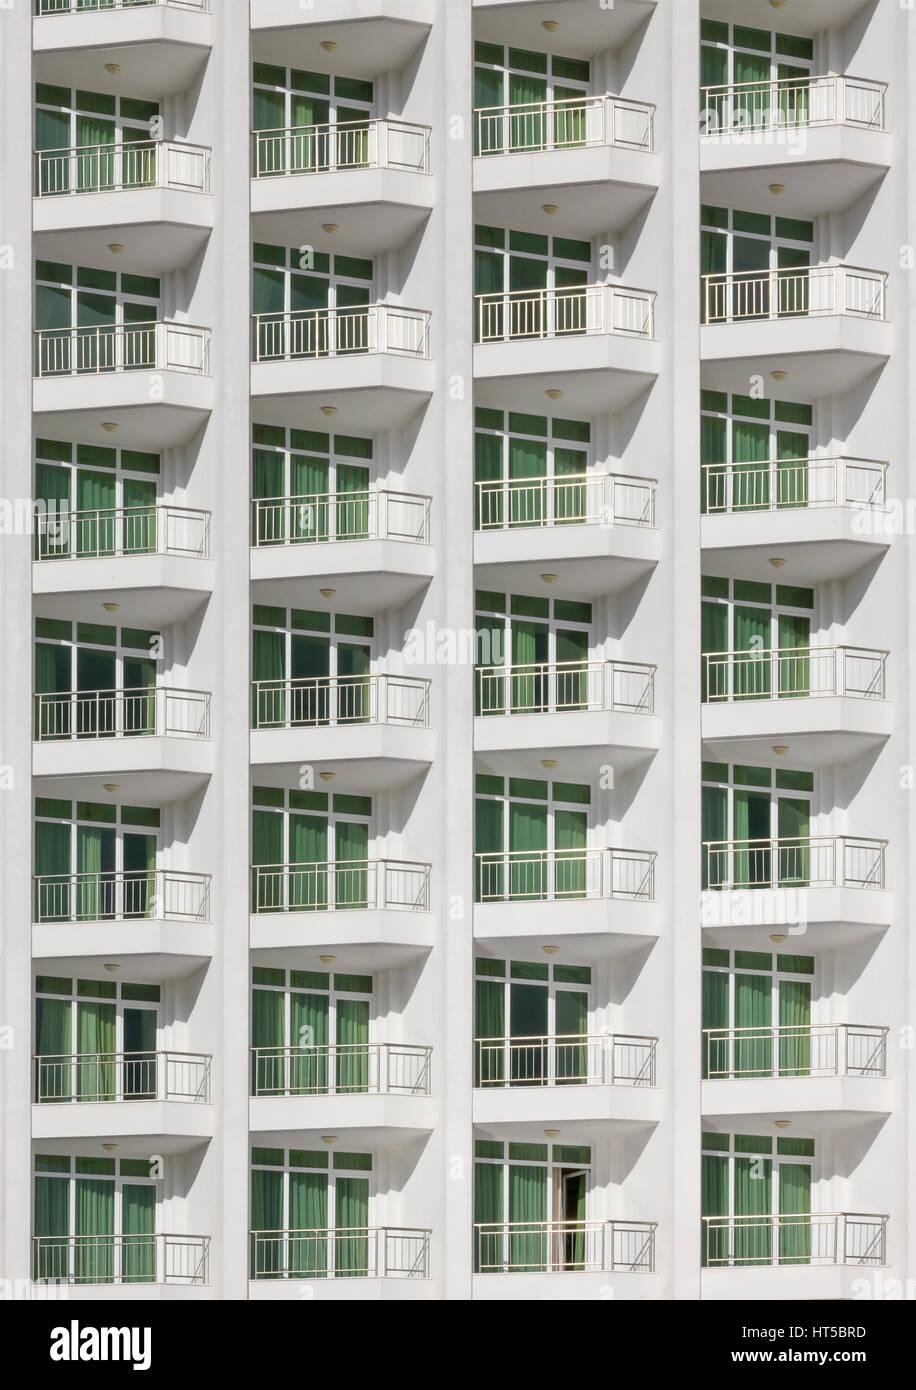 Sich Wiederholendes Muster Von Fenstern Und Balkon Aufbau Vorne